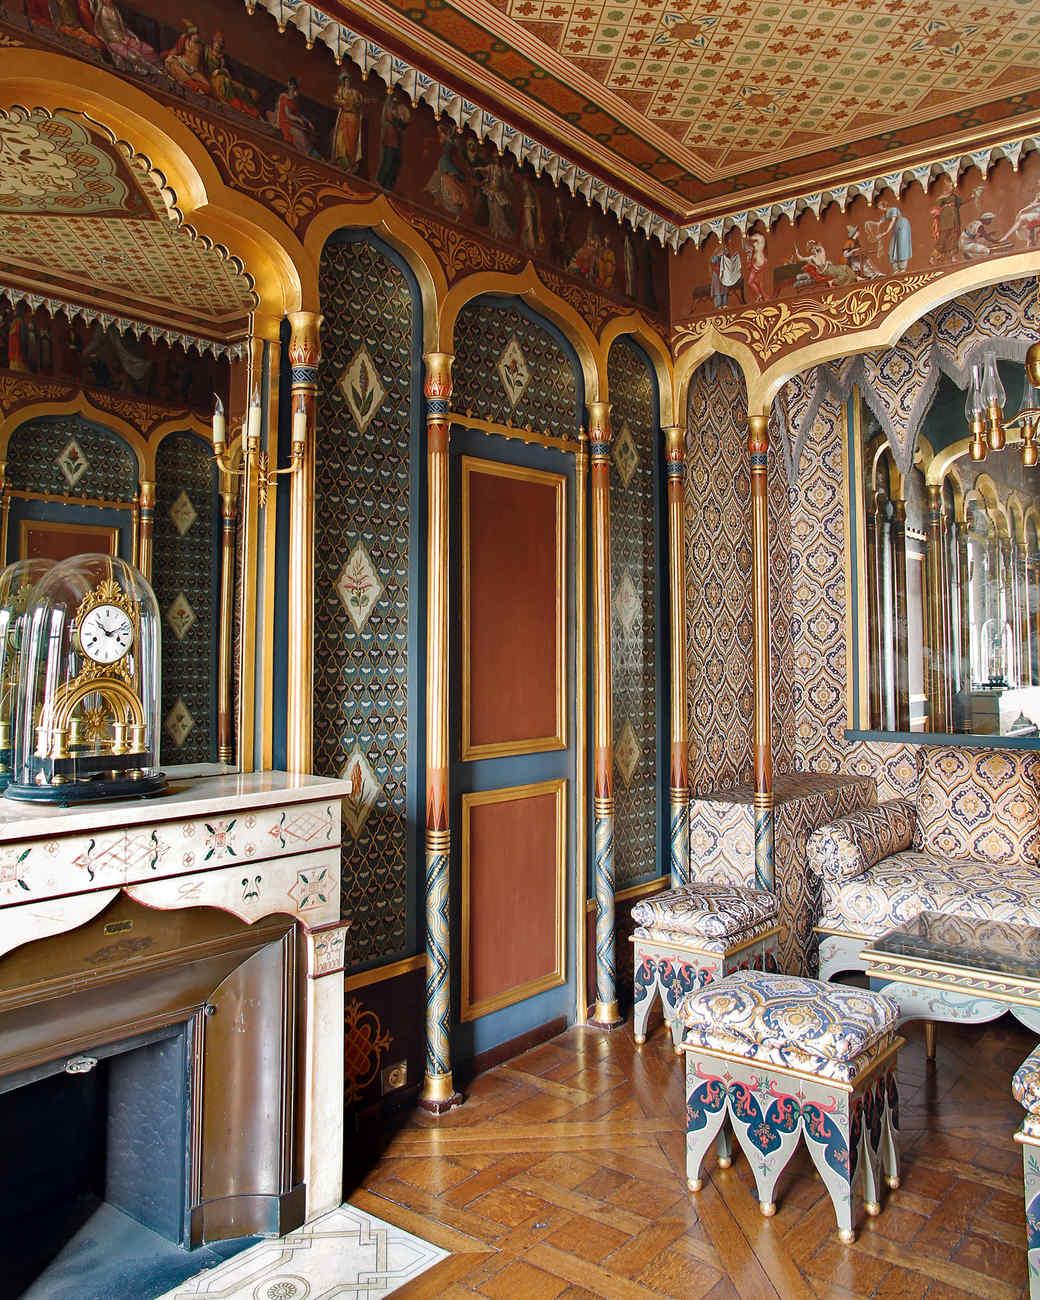 cabinet-beauharnais-hotel.jpg